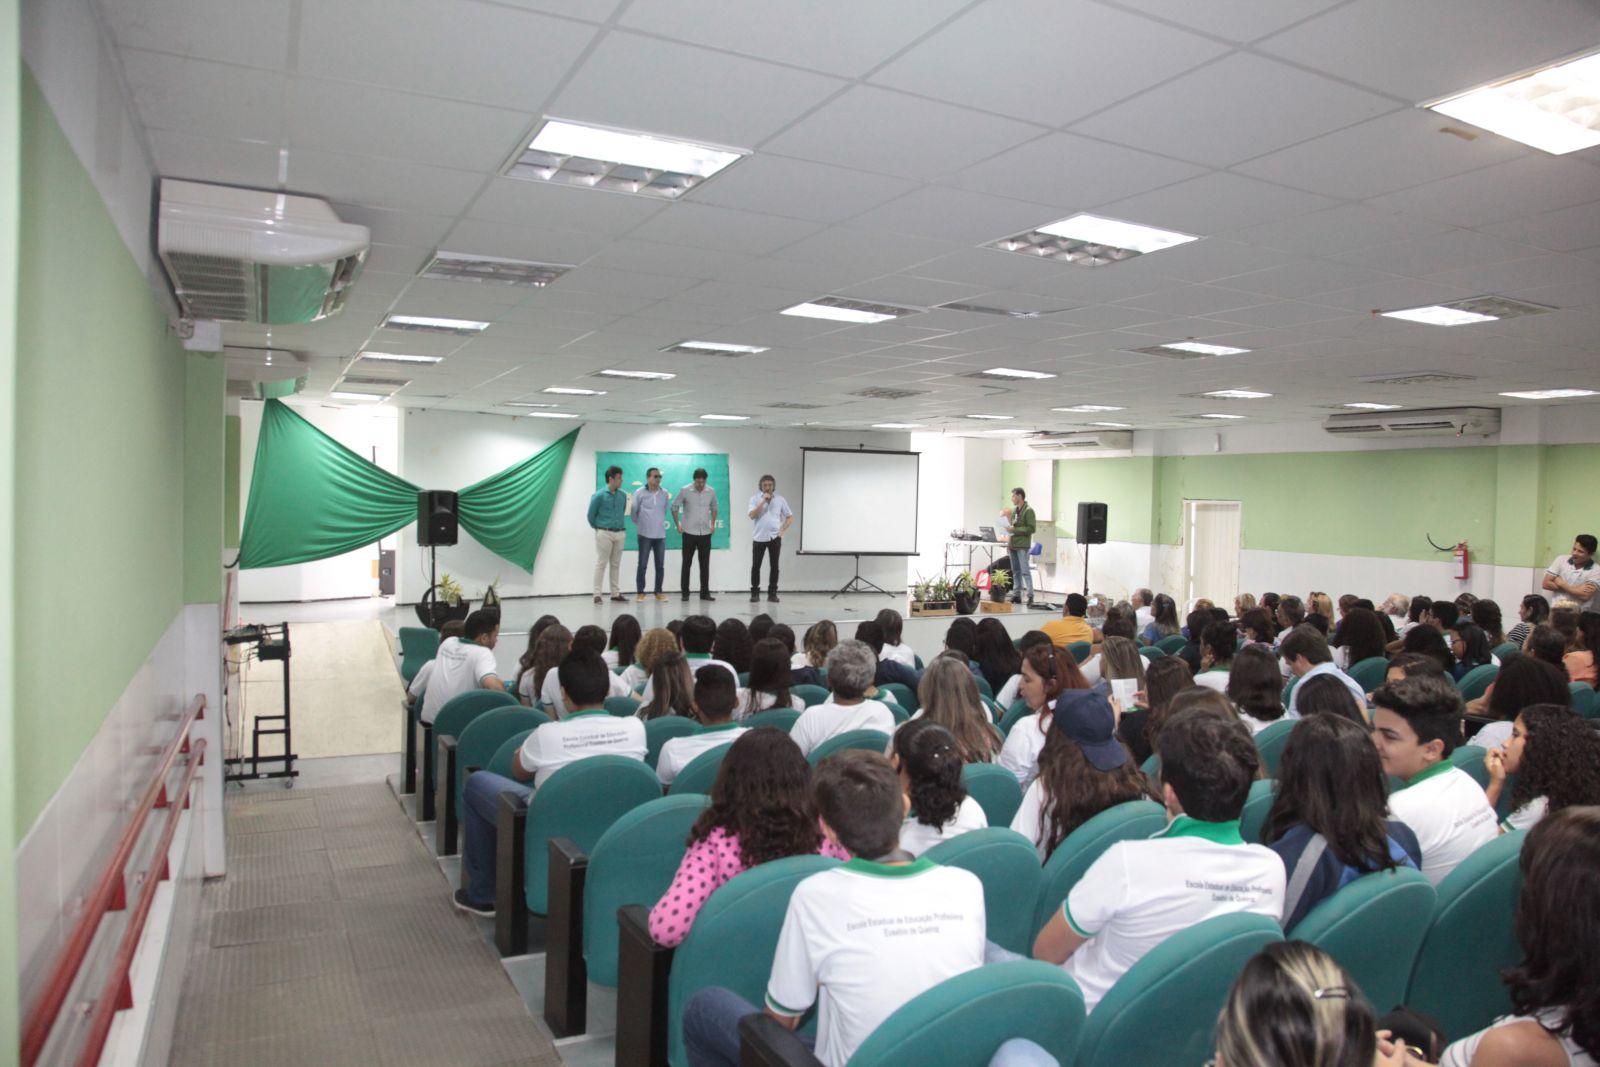 Eusébio dedica o mês de junho ao meio ambiente com programação voltada para a educação ambiental